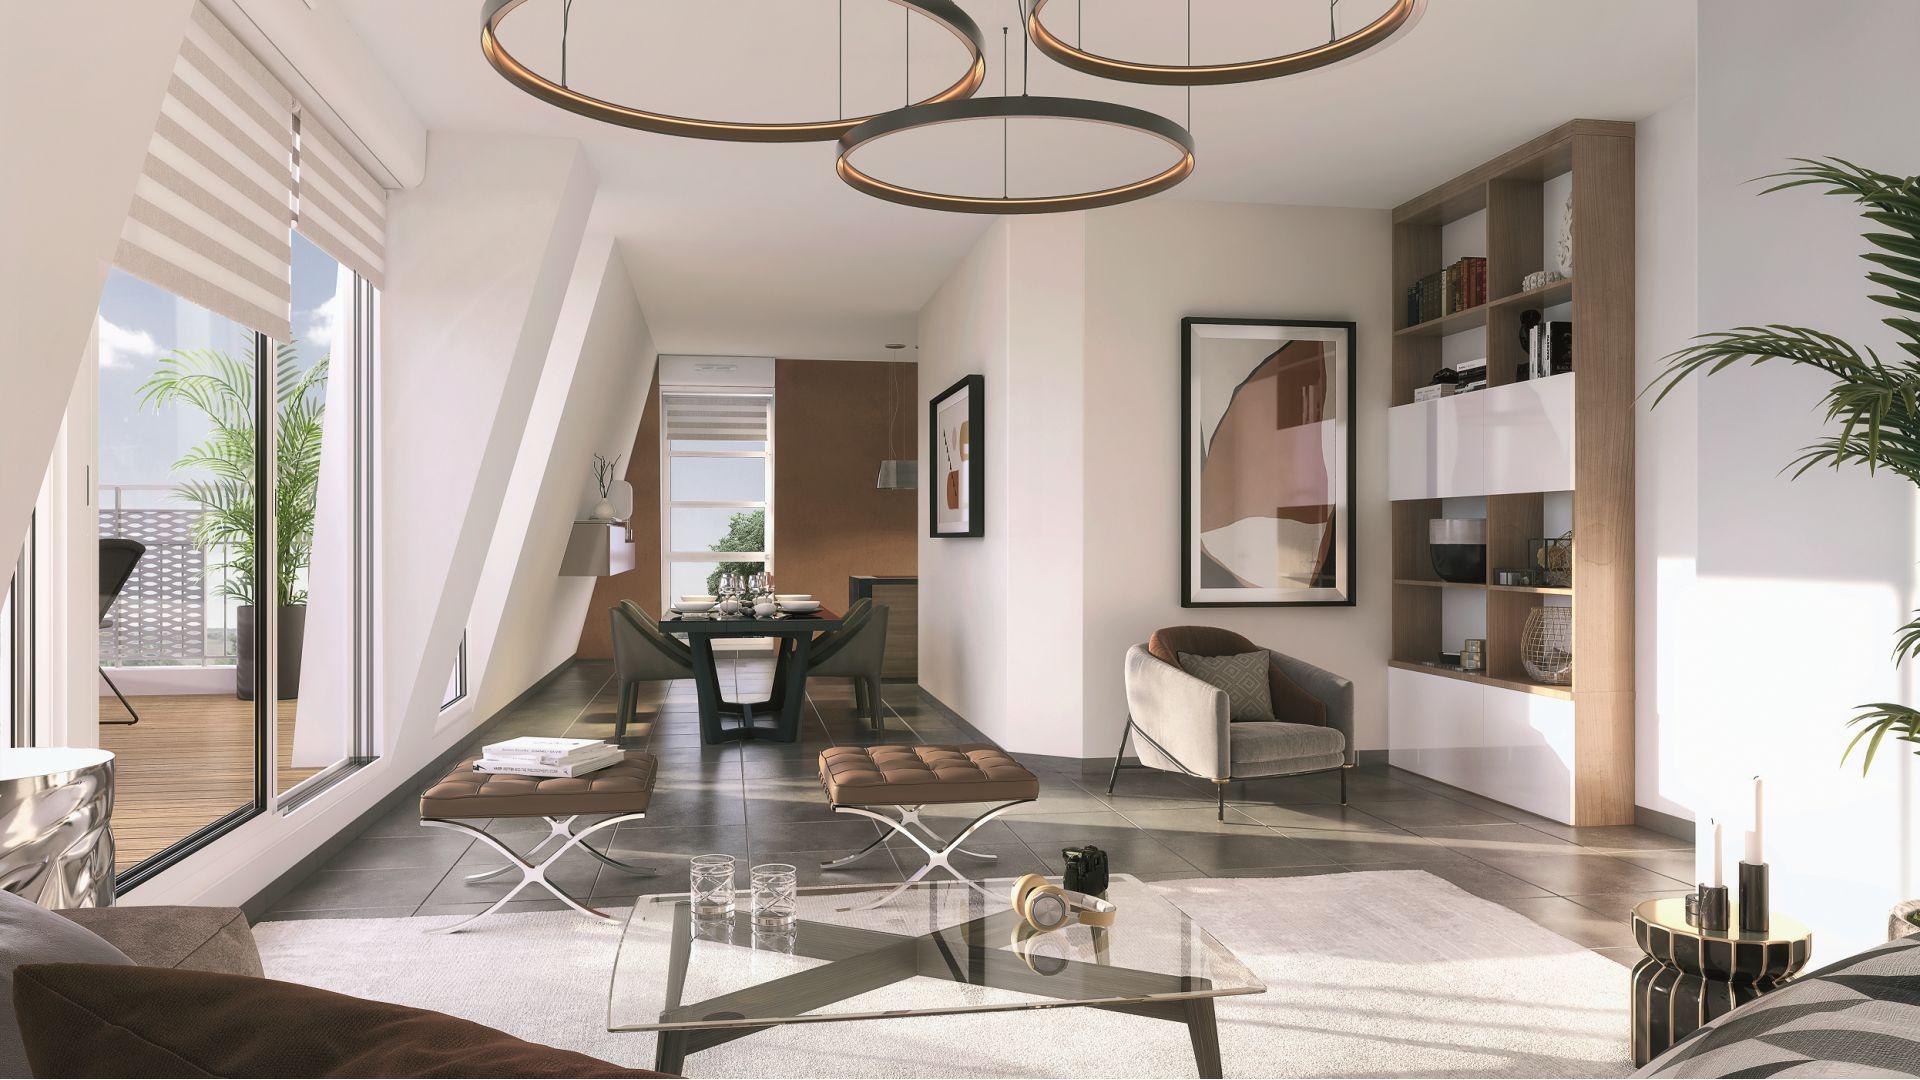 GreenCity immobilier - Savigny sur Orge - Résidence Le Clos D'Ambroise - 91600 - Appartements neufs du T1bis au T4 - vue intérieure